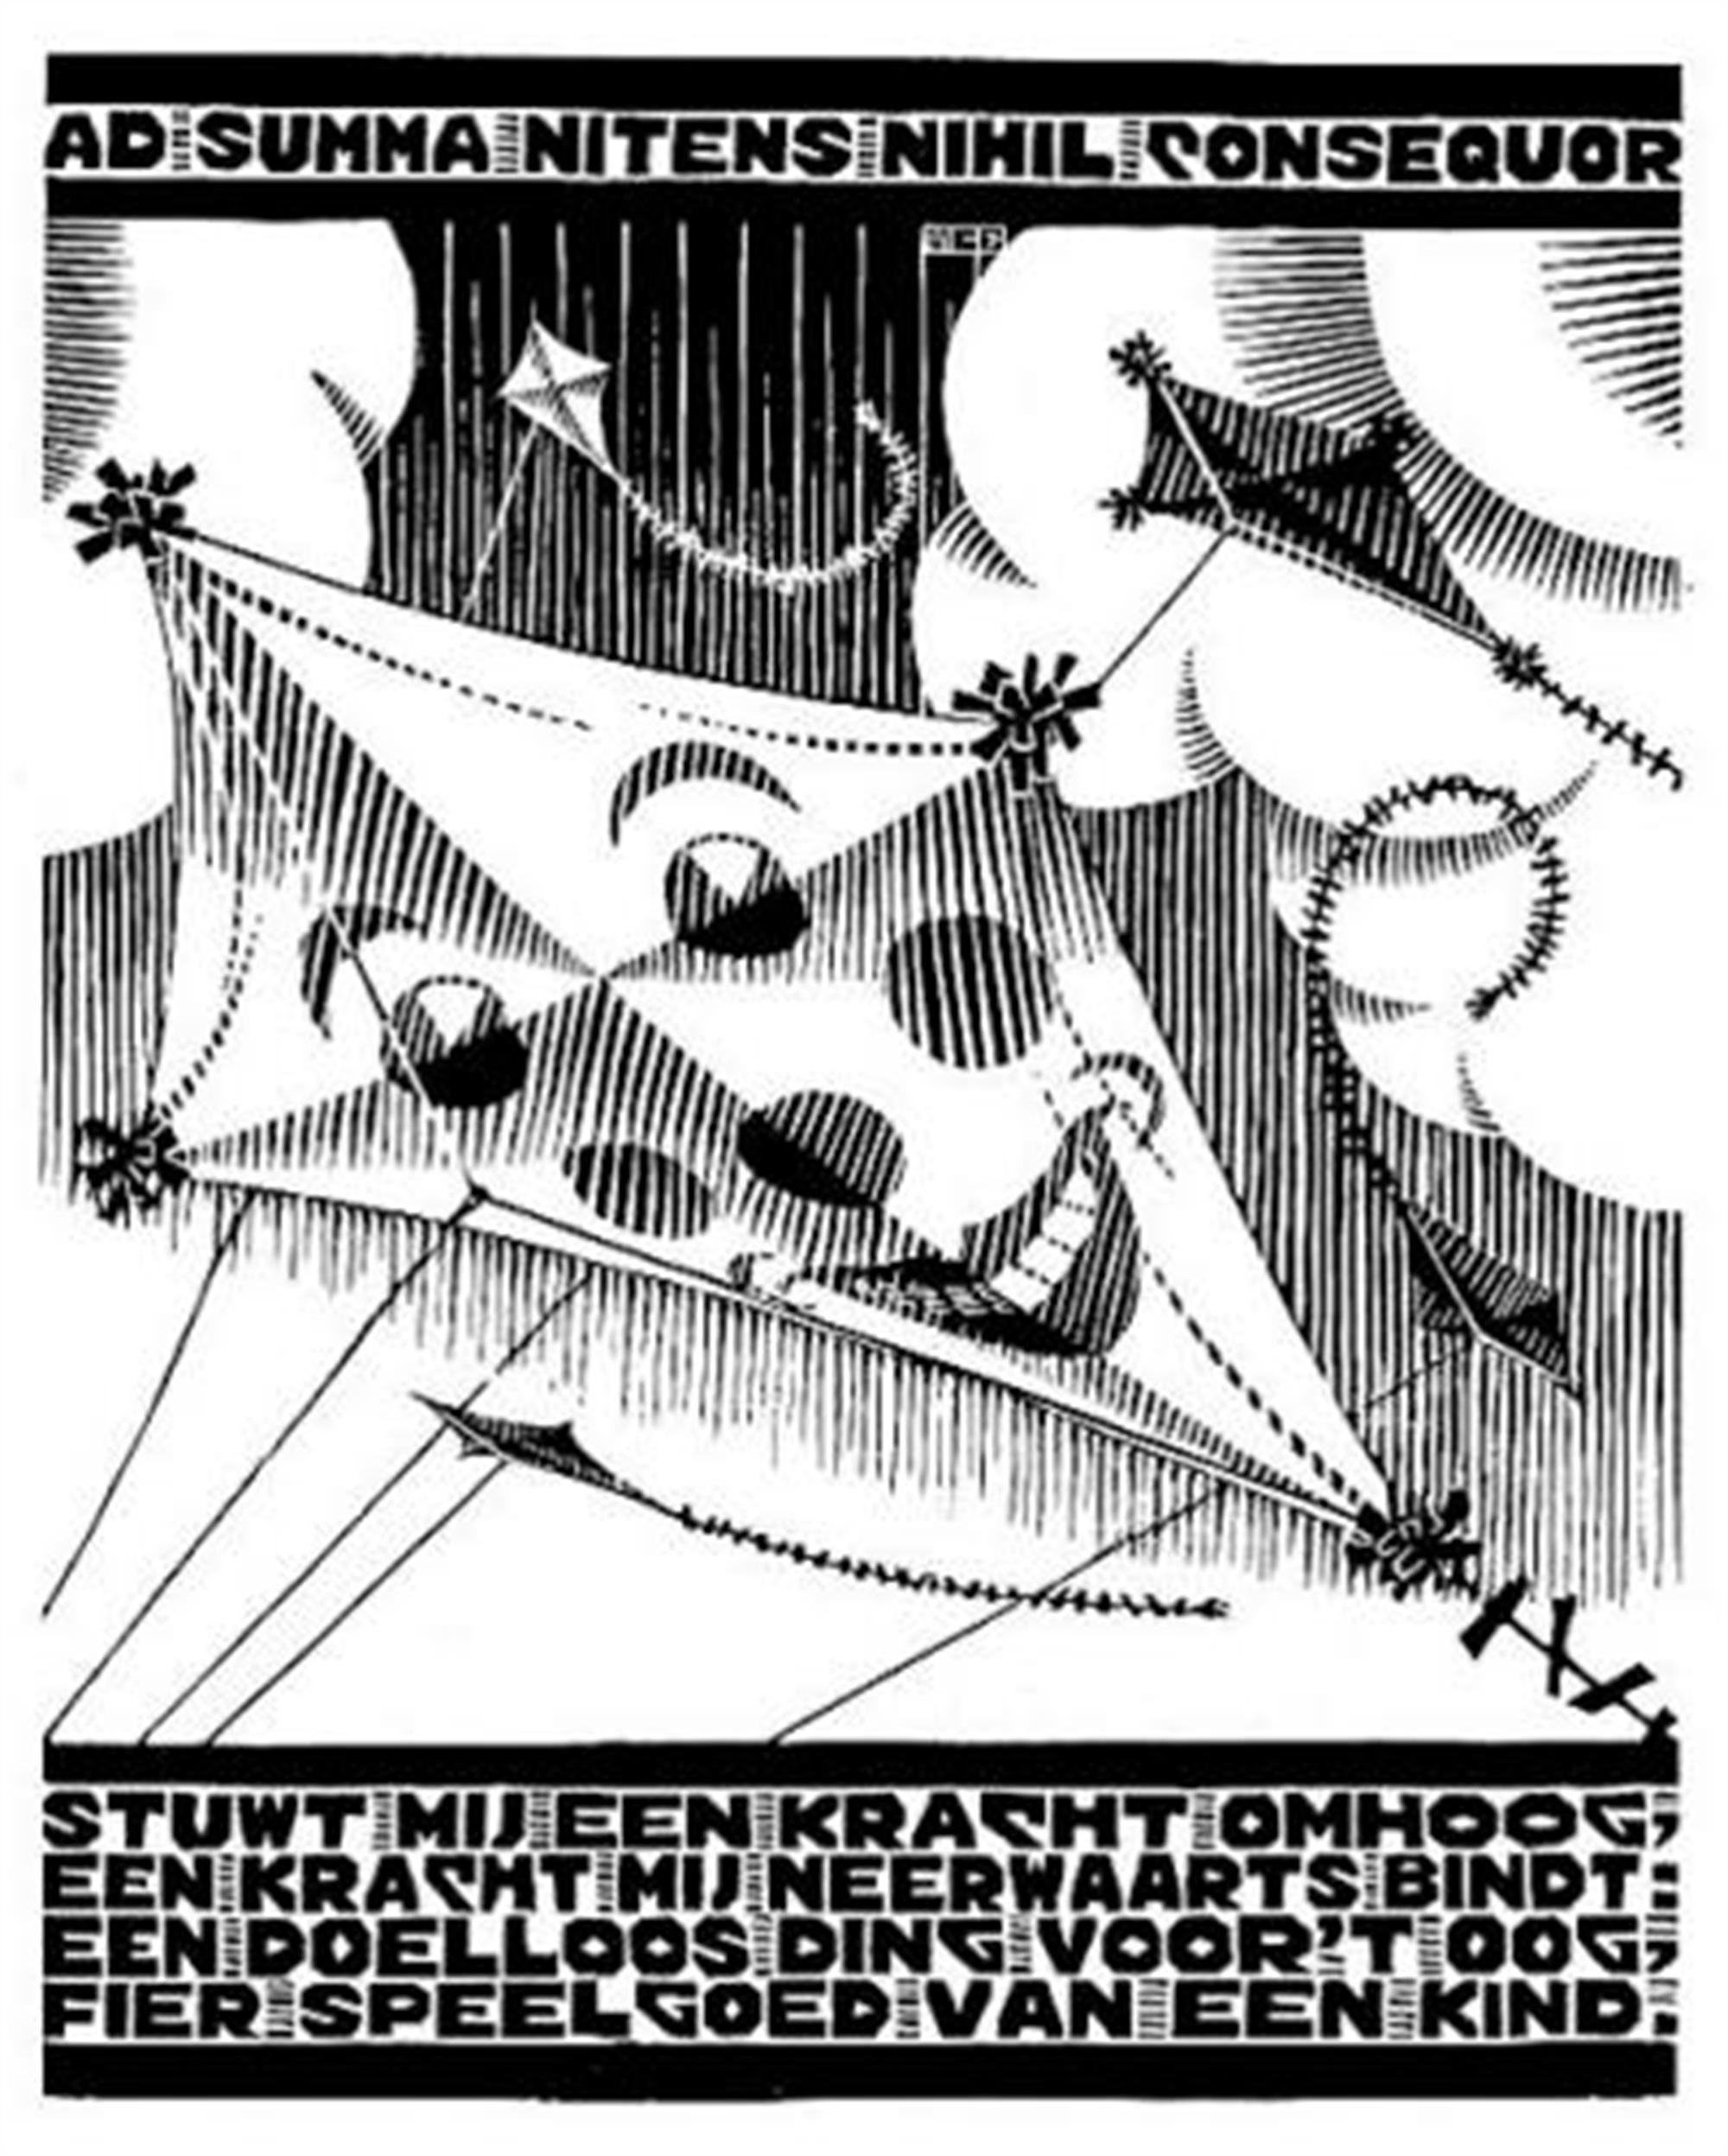 Emblemata - Kite by M.C. Escher